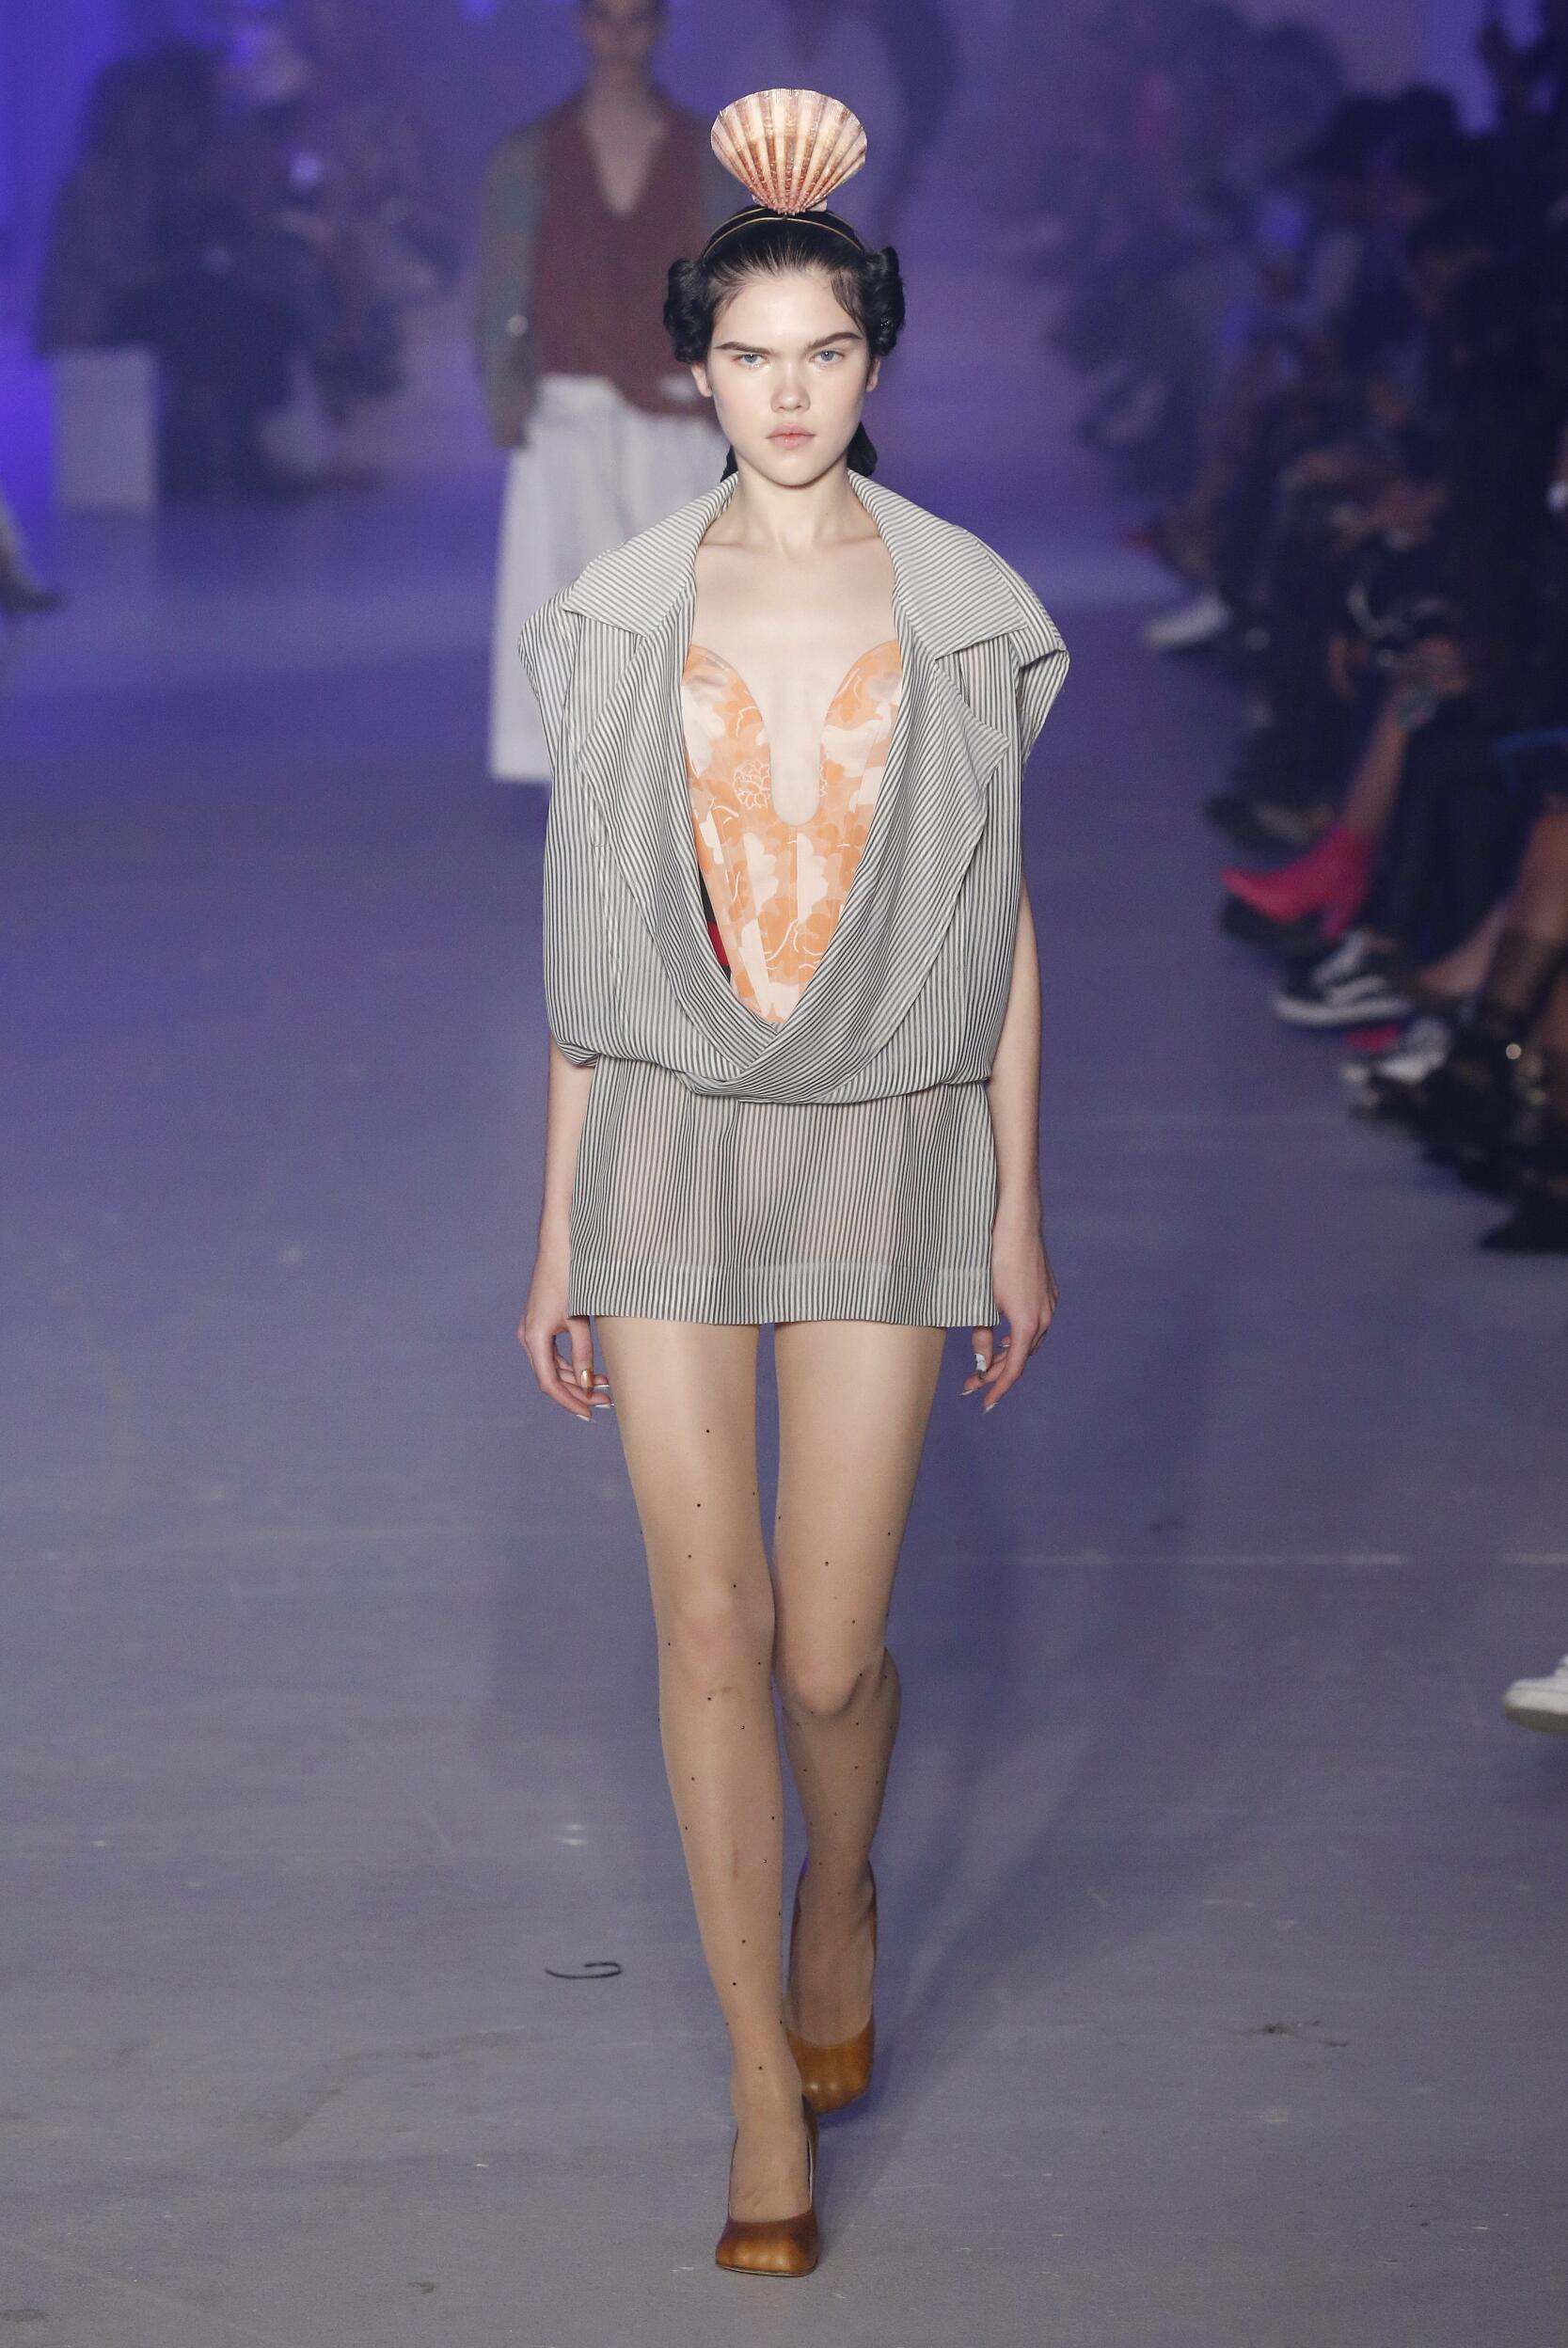 2020 Andreas Kronthaler for Vivienne Westwood Catwalk